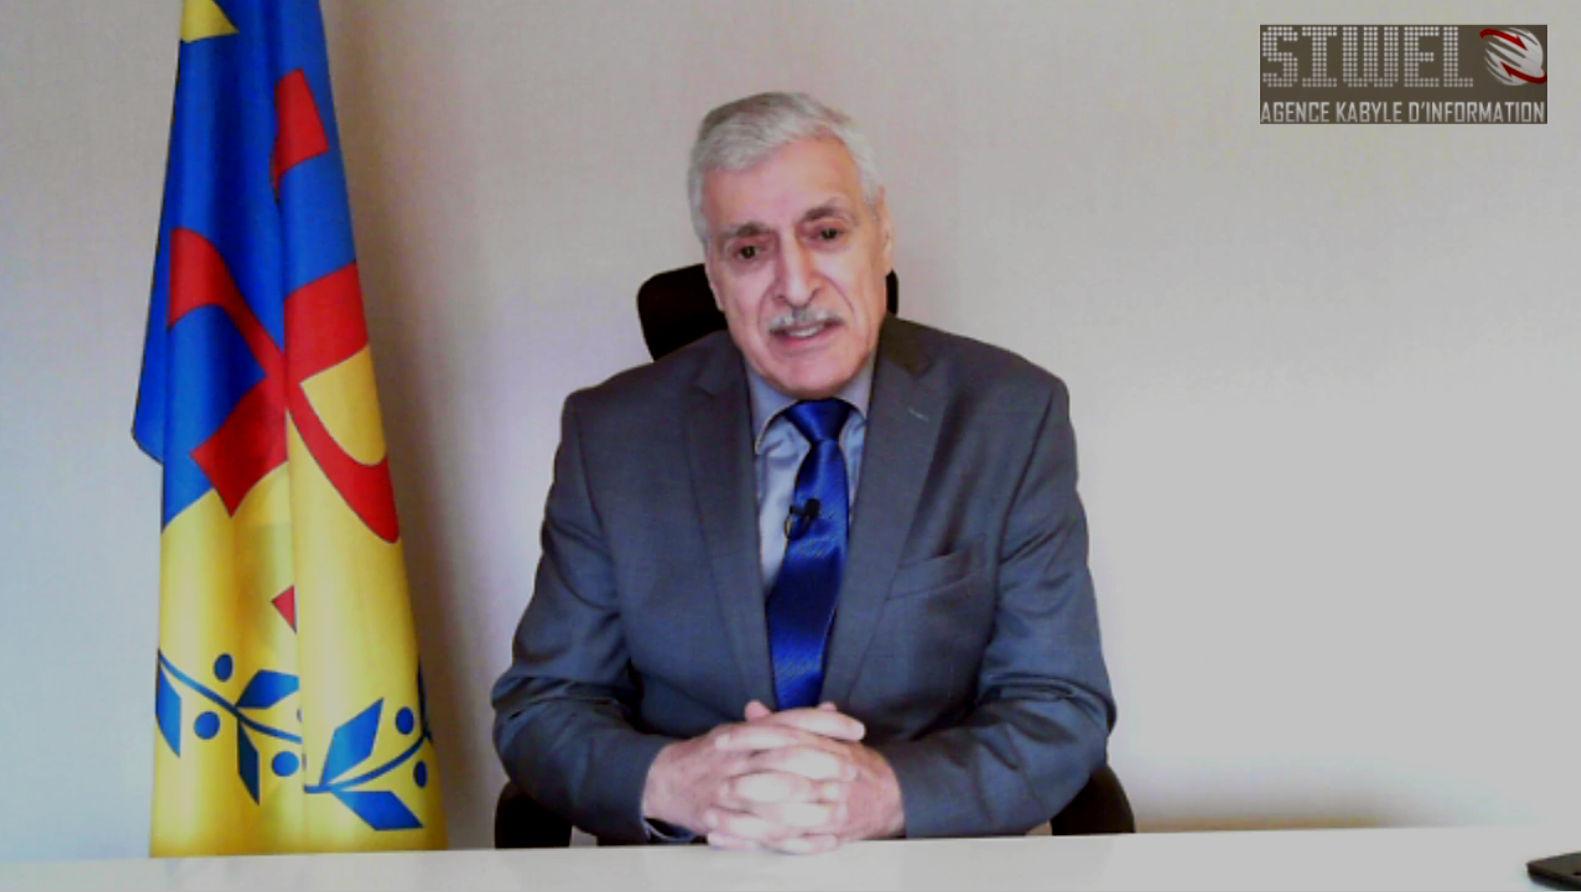 Le Président de l'Anavad sur le RPK : «Le pluralisme est un non-sens chez un peuple colonisé»